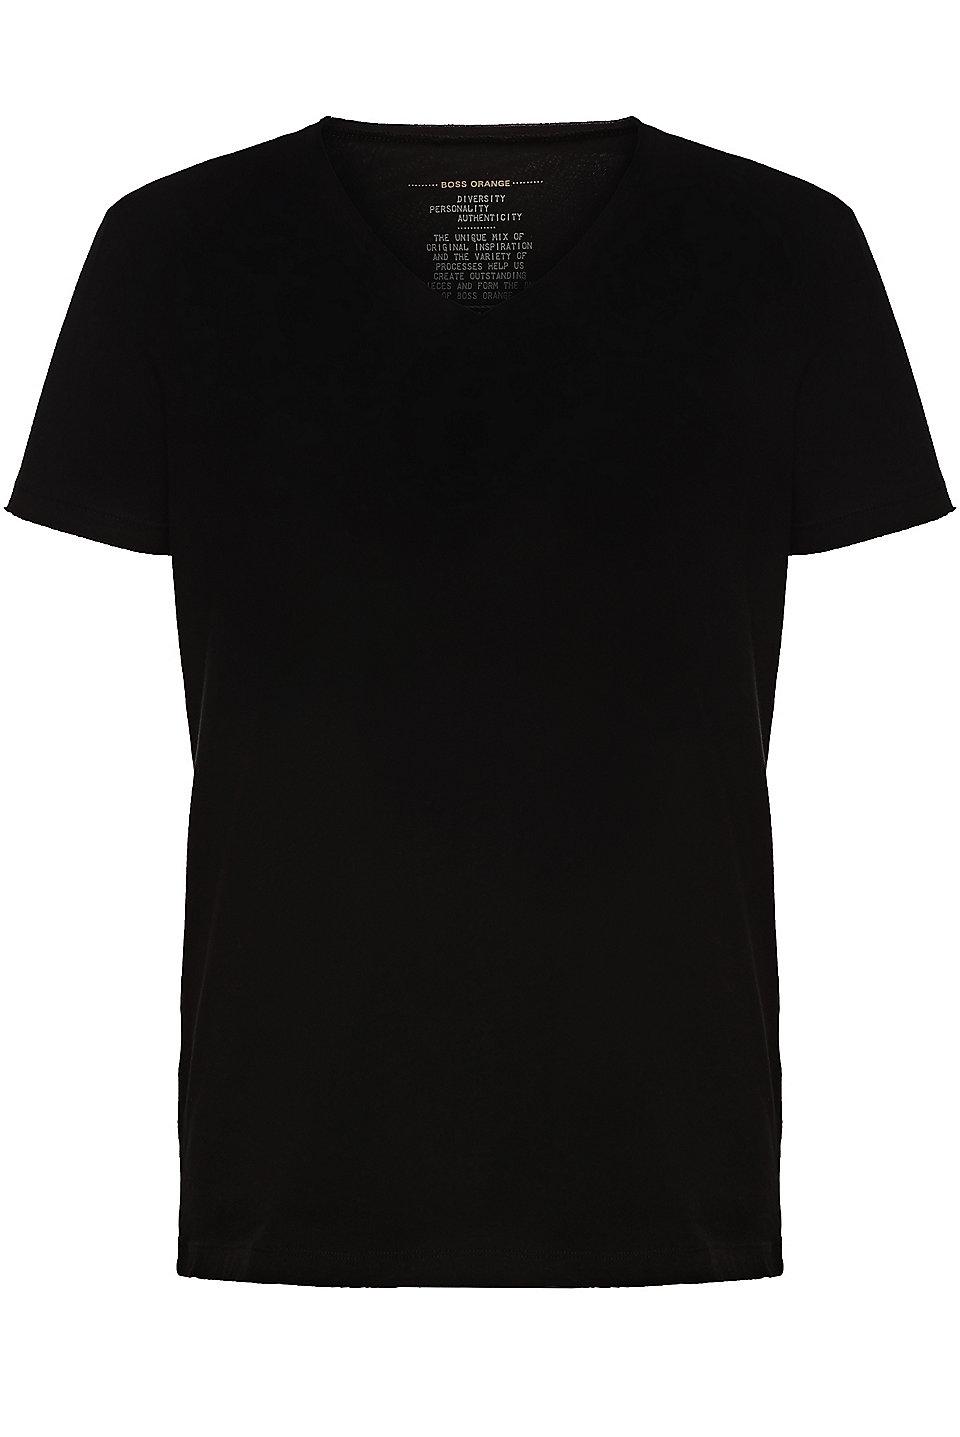 Boss Regular Fit T Shirt Mit Offenkantigem V Ausschnitt